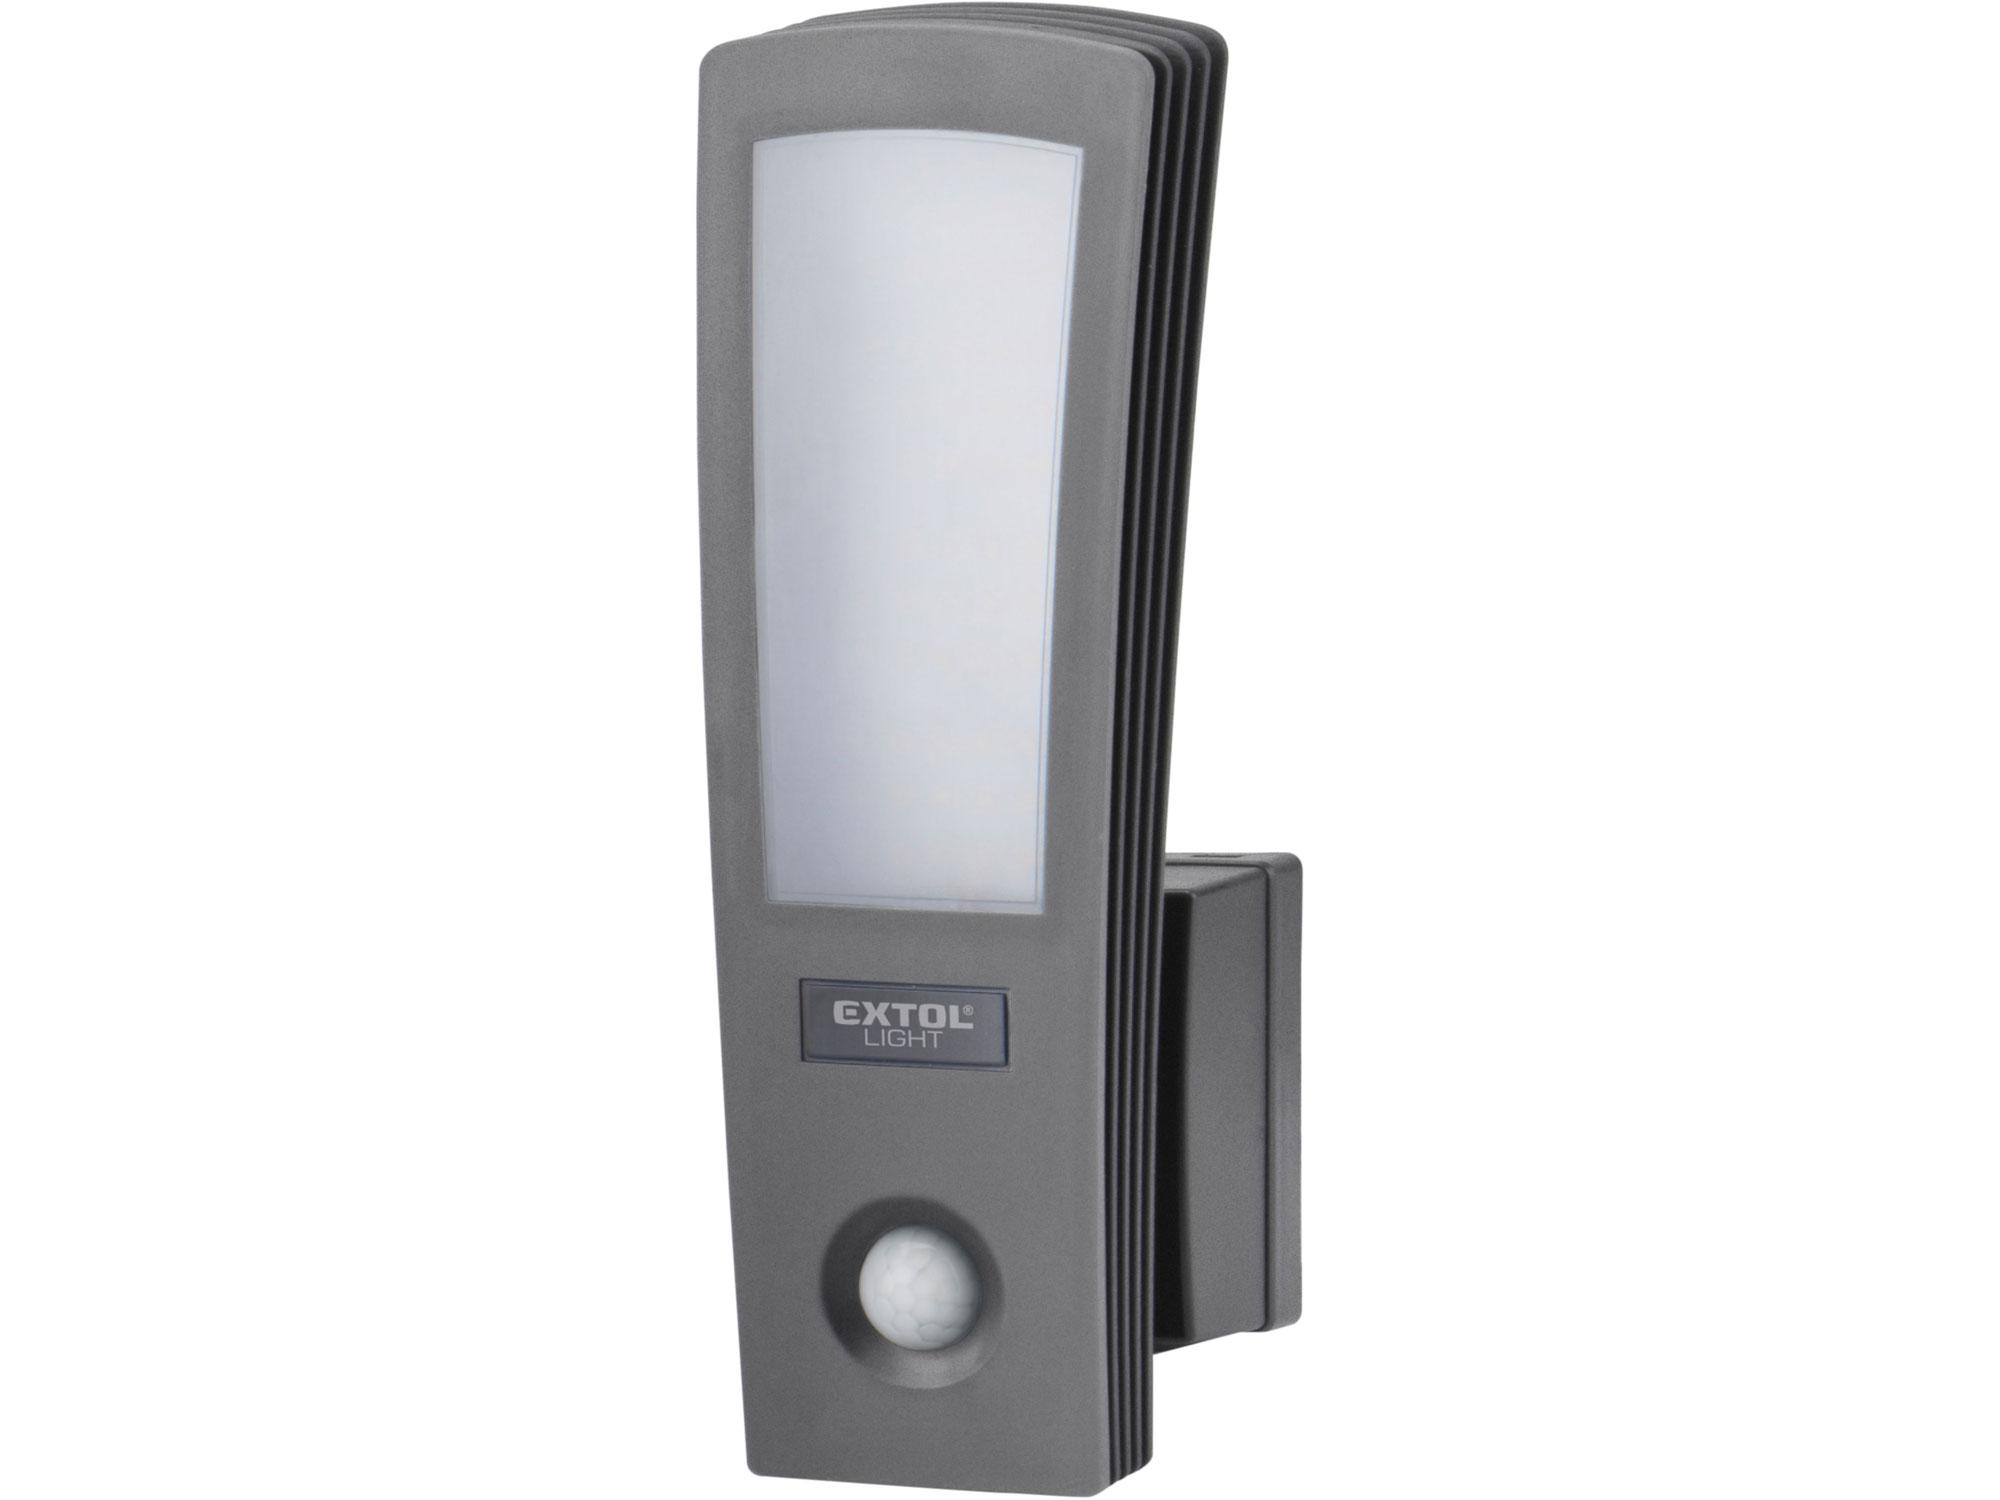 Světlo LED, domovní, s pohybovým čidlem, 700lm EXTOL LIGHT 43219